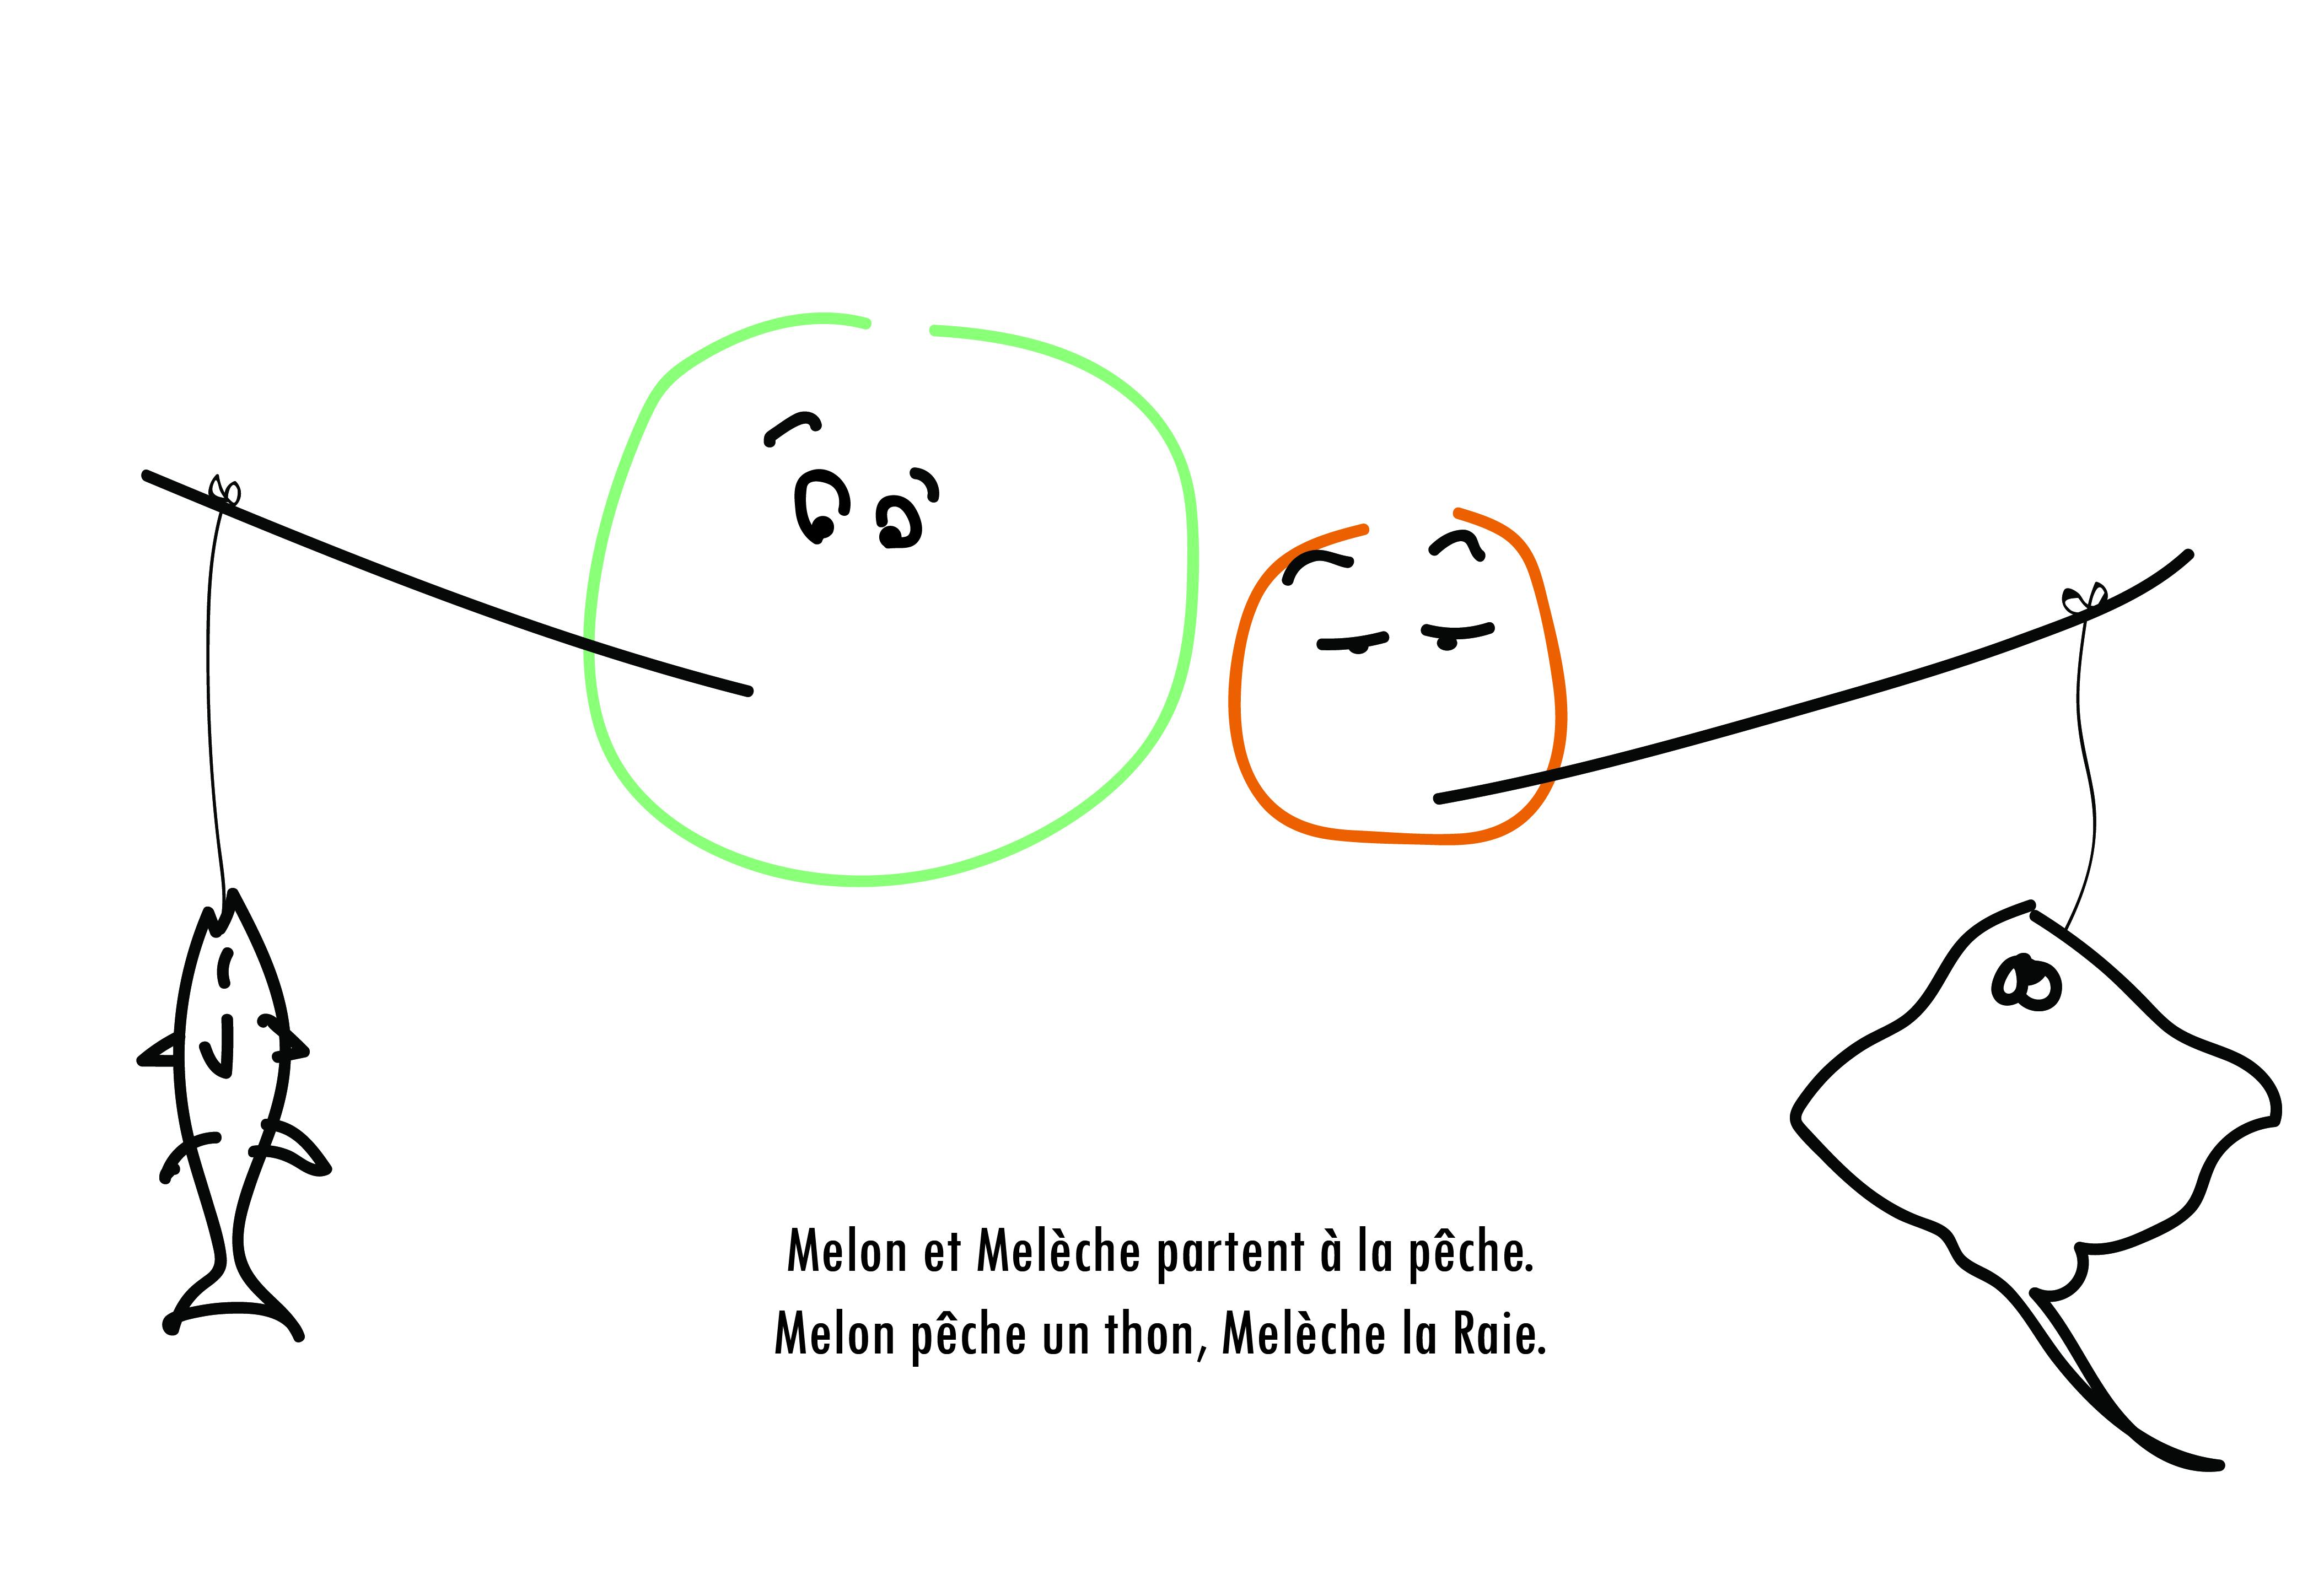 melonmeleche_peche-01